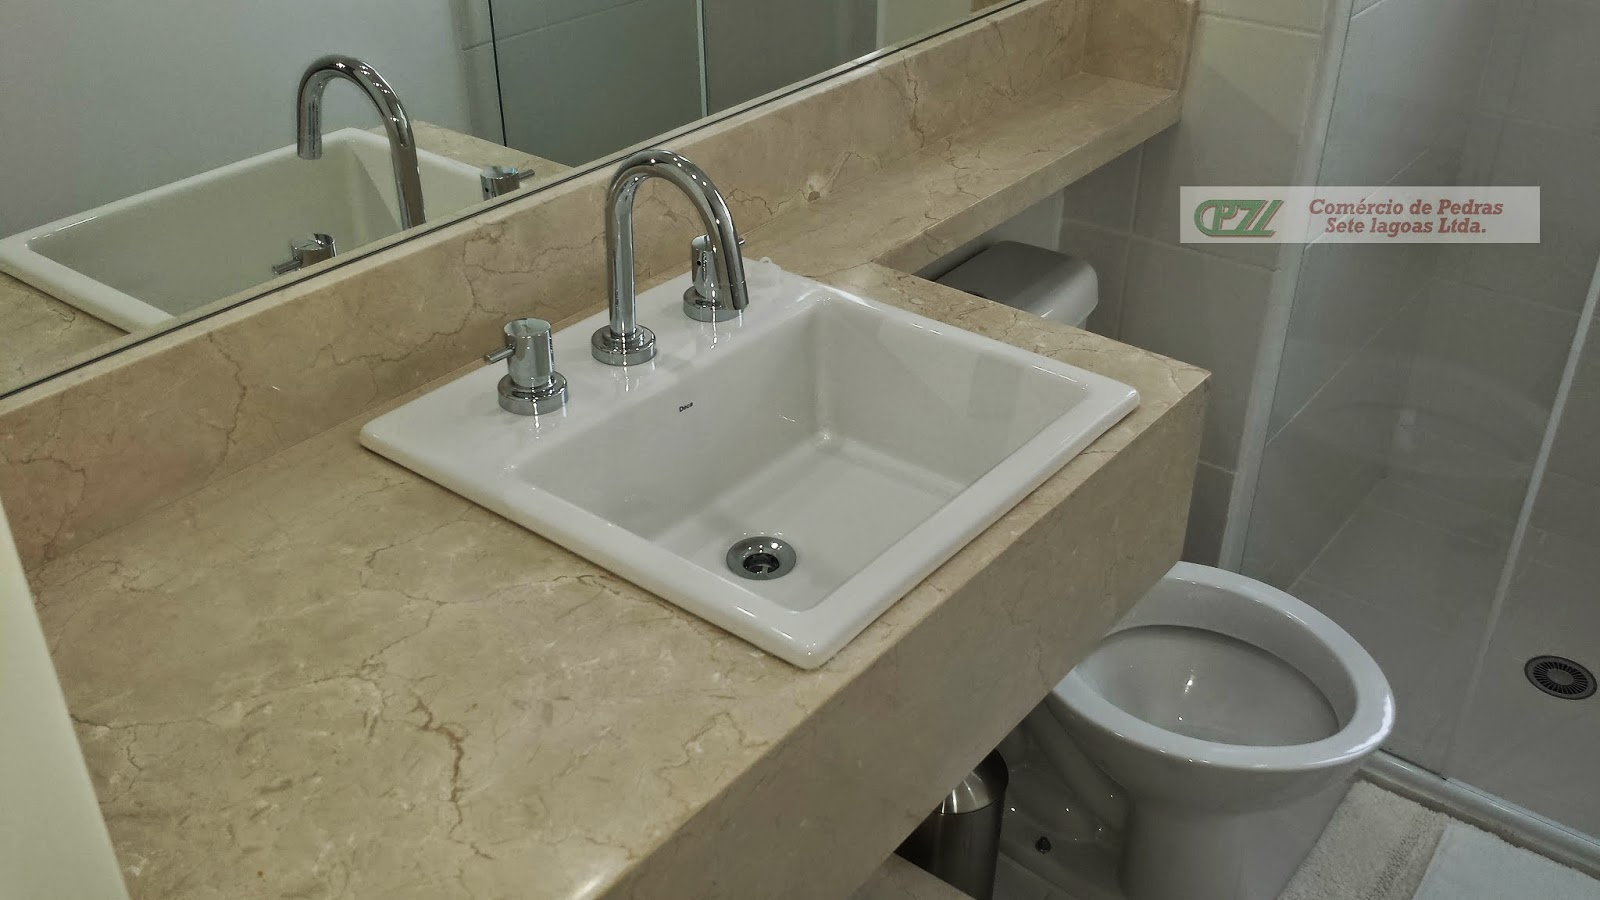 Mármore Crema Marfil continuando sobre a caixa acoplada do vaso #595241 1600x900 Bancada Banheiro Marmore Travertino